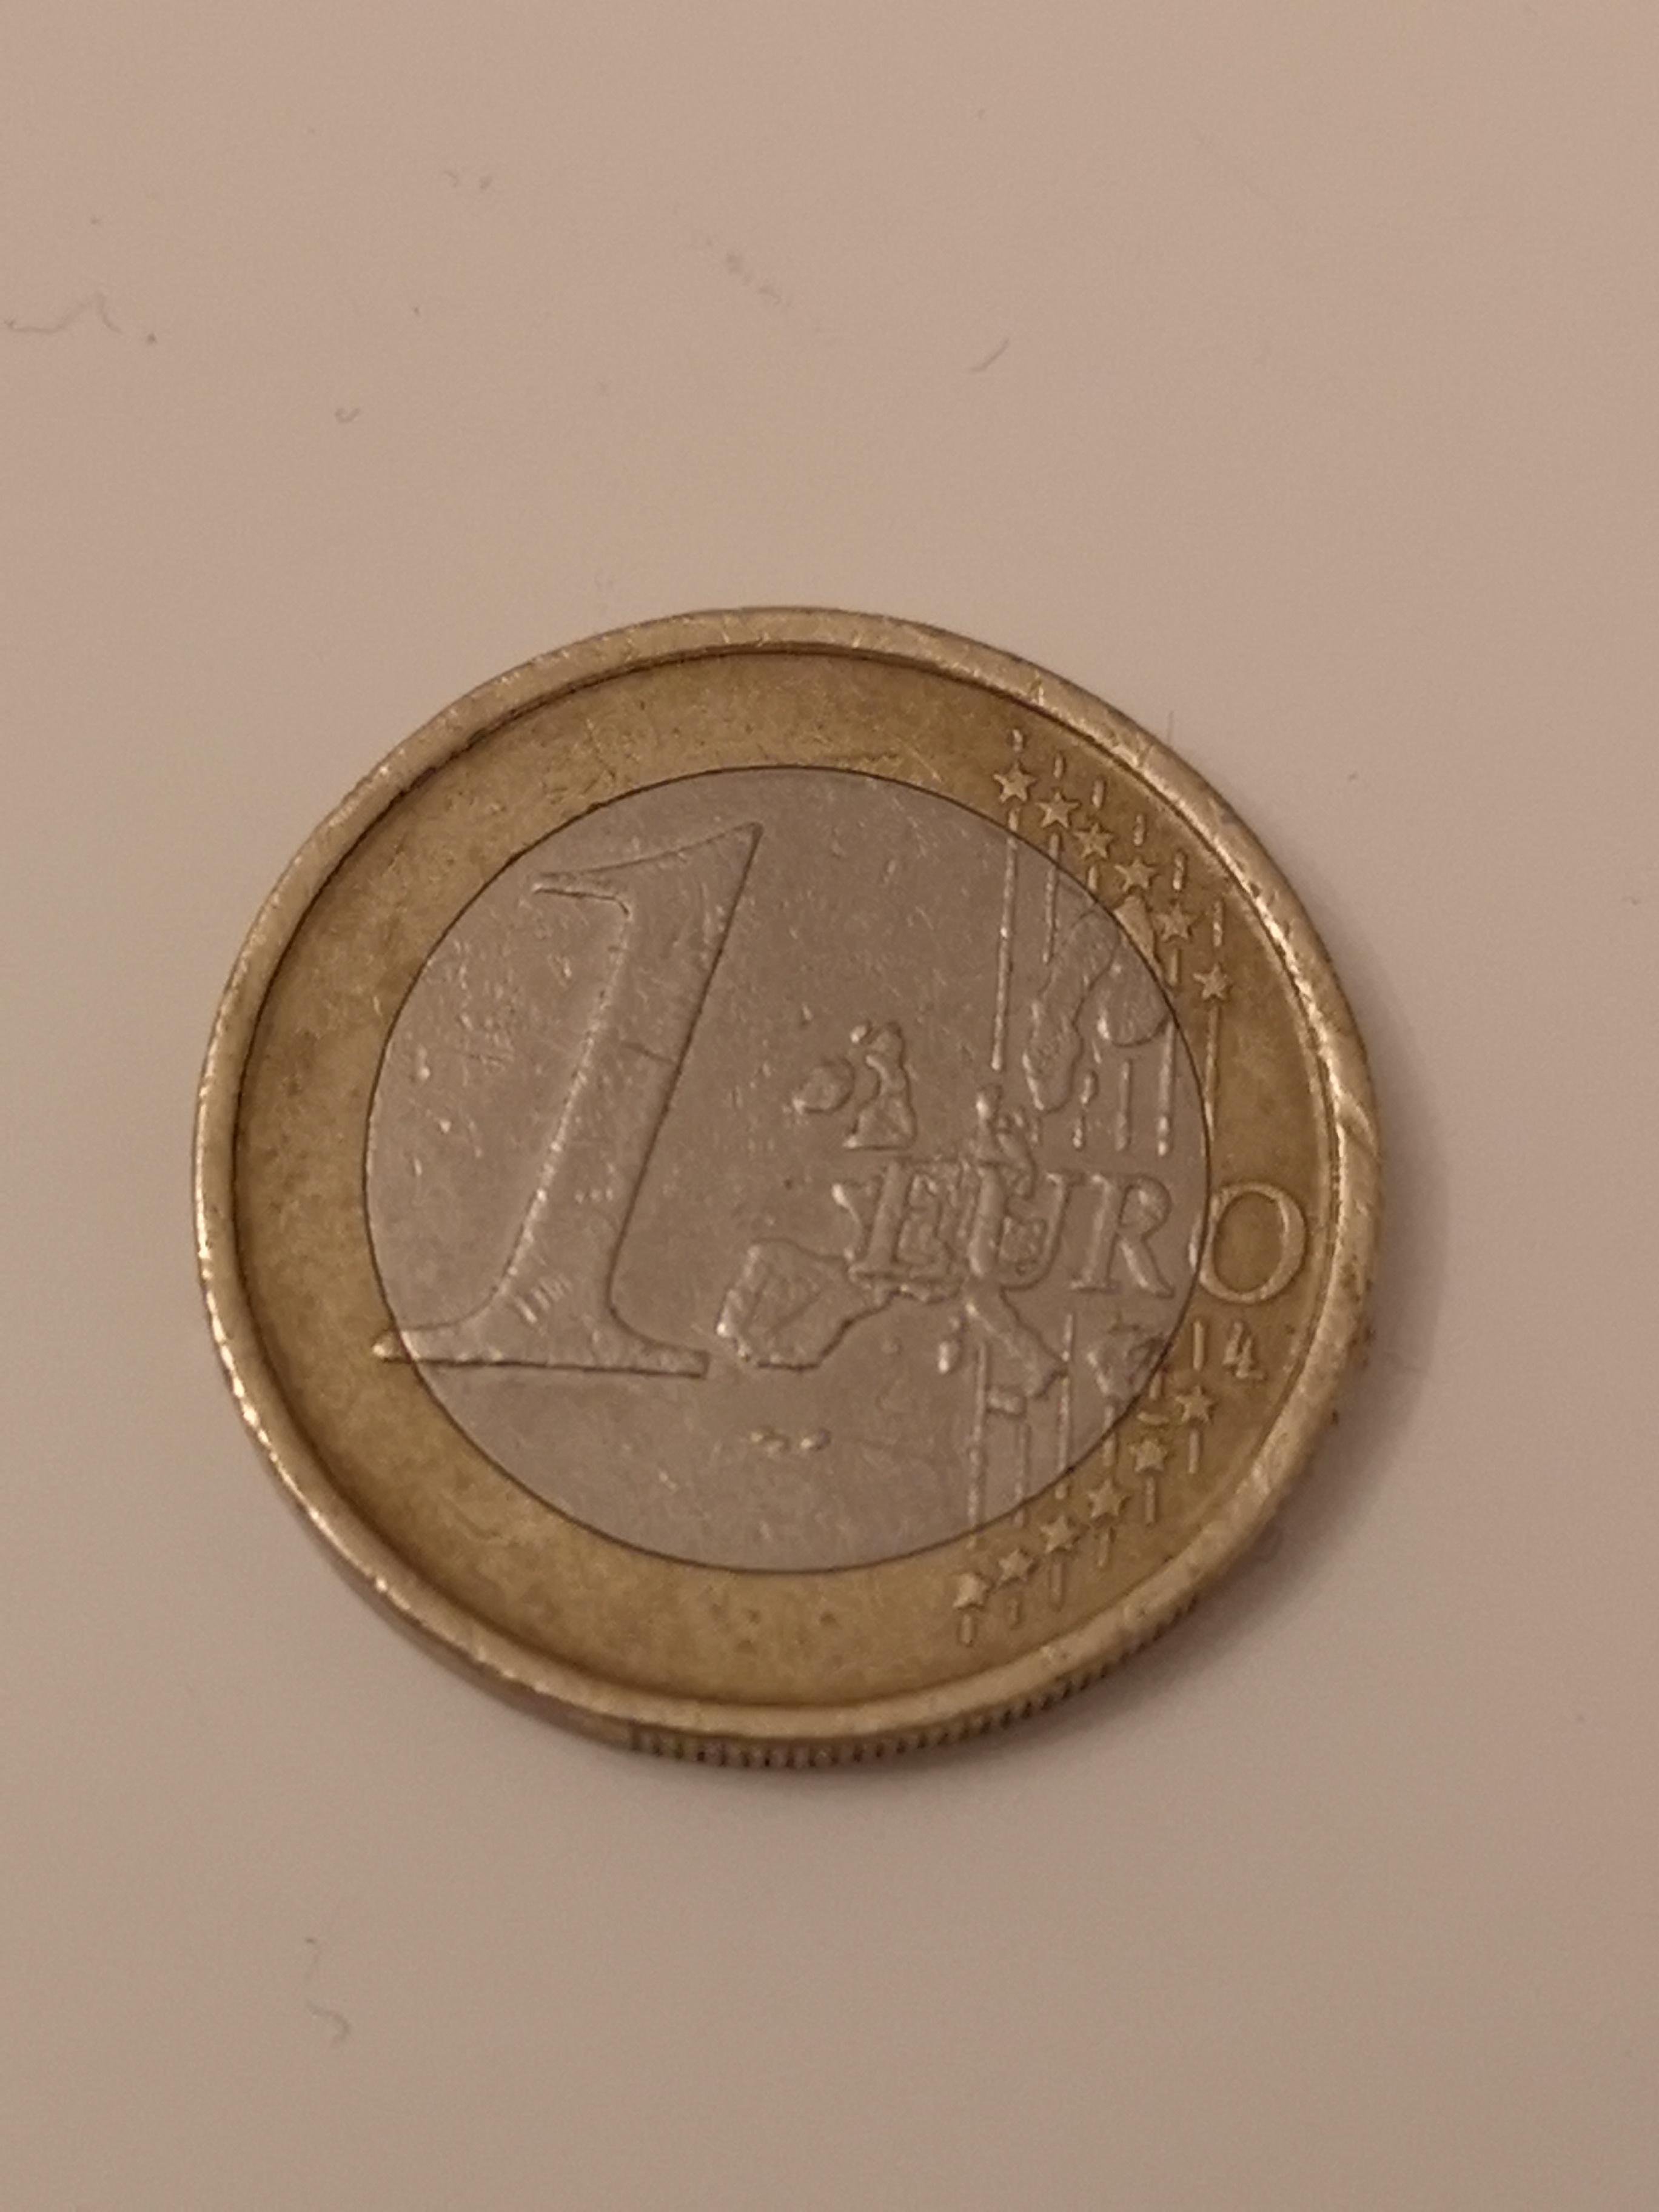 Portugal 1 Euro Münze 2002 Euro Muenzentv Der Online Euromünzen